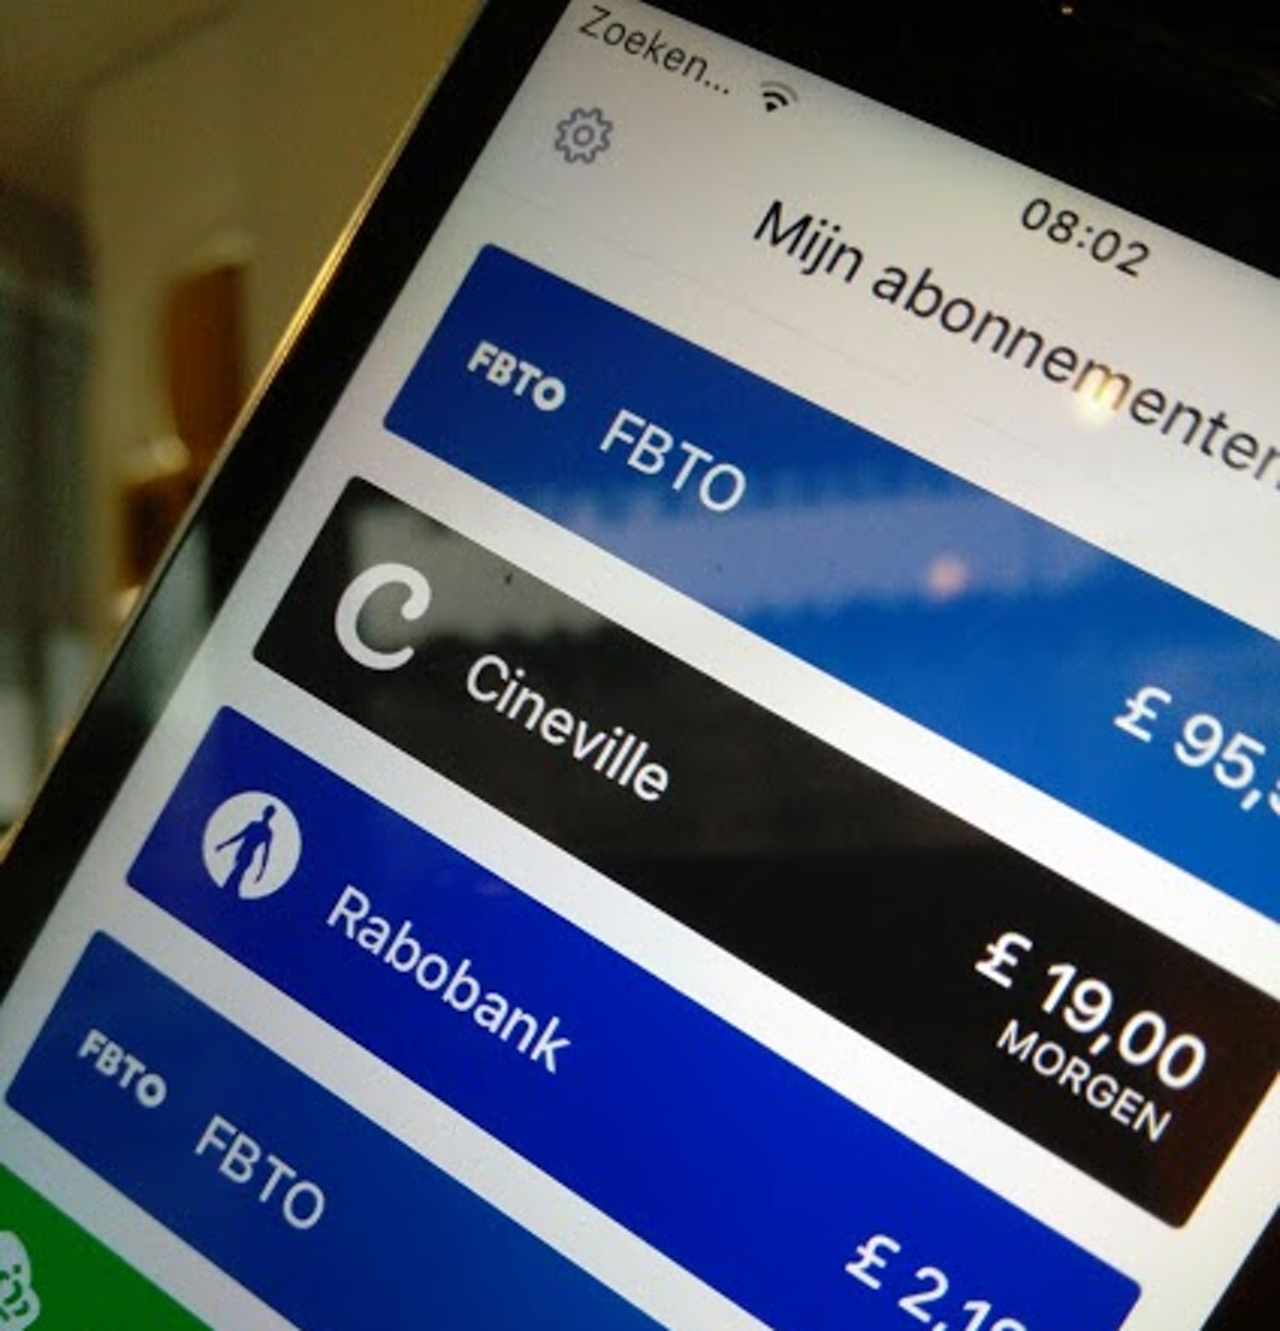 Bram downloadde per ongeluk in de Engelse App Store, vandaar de £ en niet de €